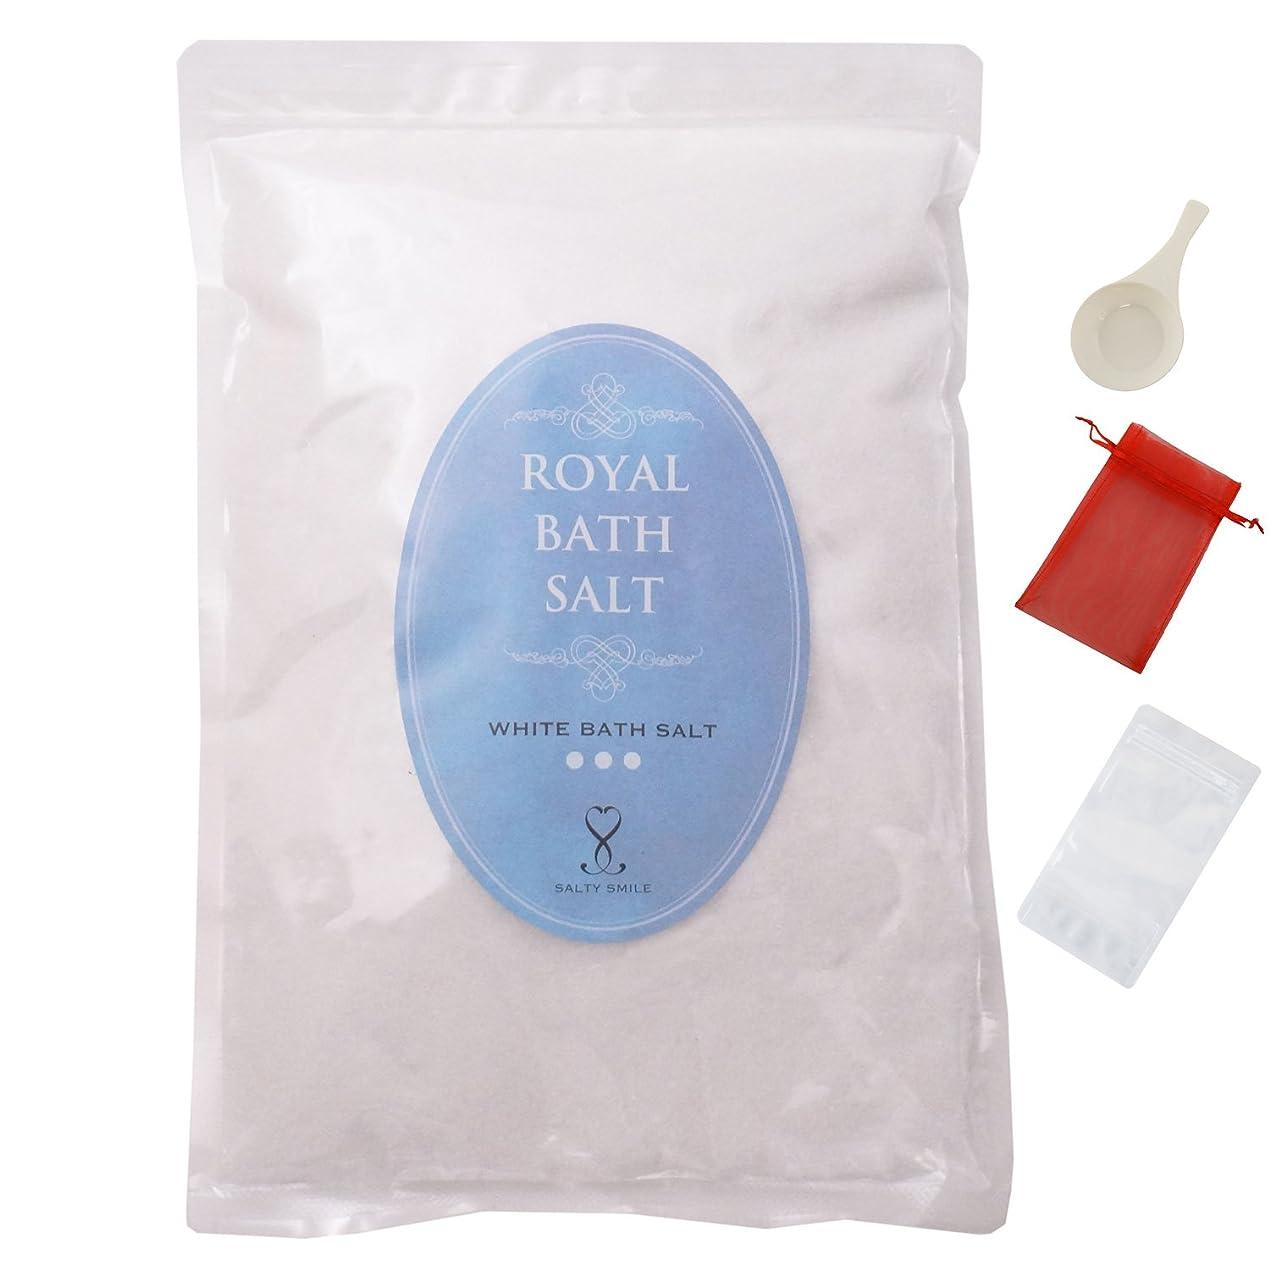 識字クラッシュ深さロイヤル バスソルト ヒマラヤ岩塩 クリスタル ホワイト パウダー 細粒 ROYAL BATH SALT (1,000g【1㎏】)